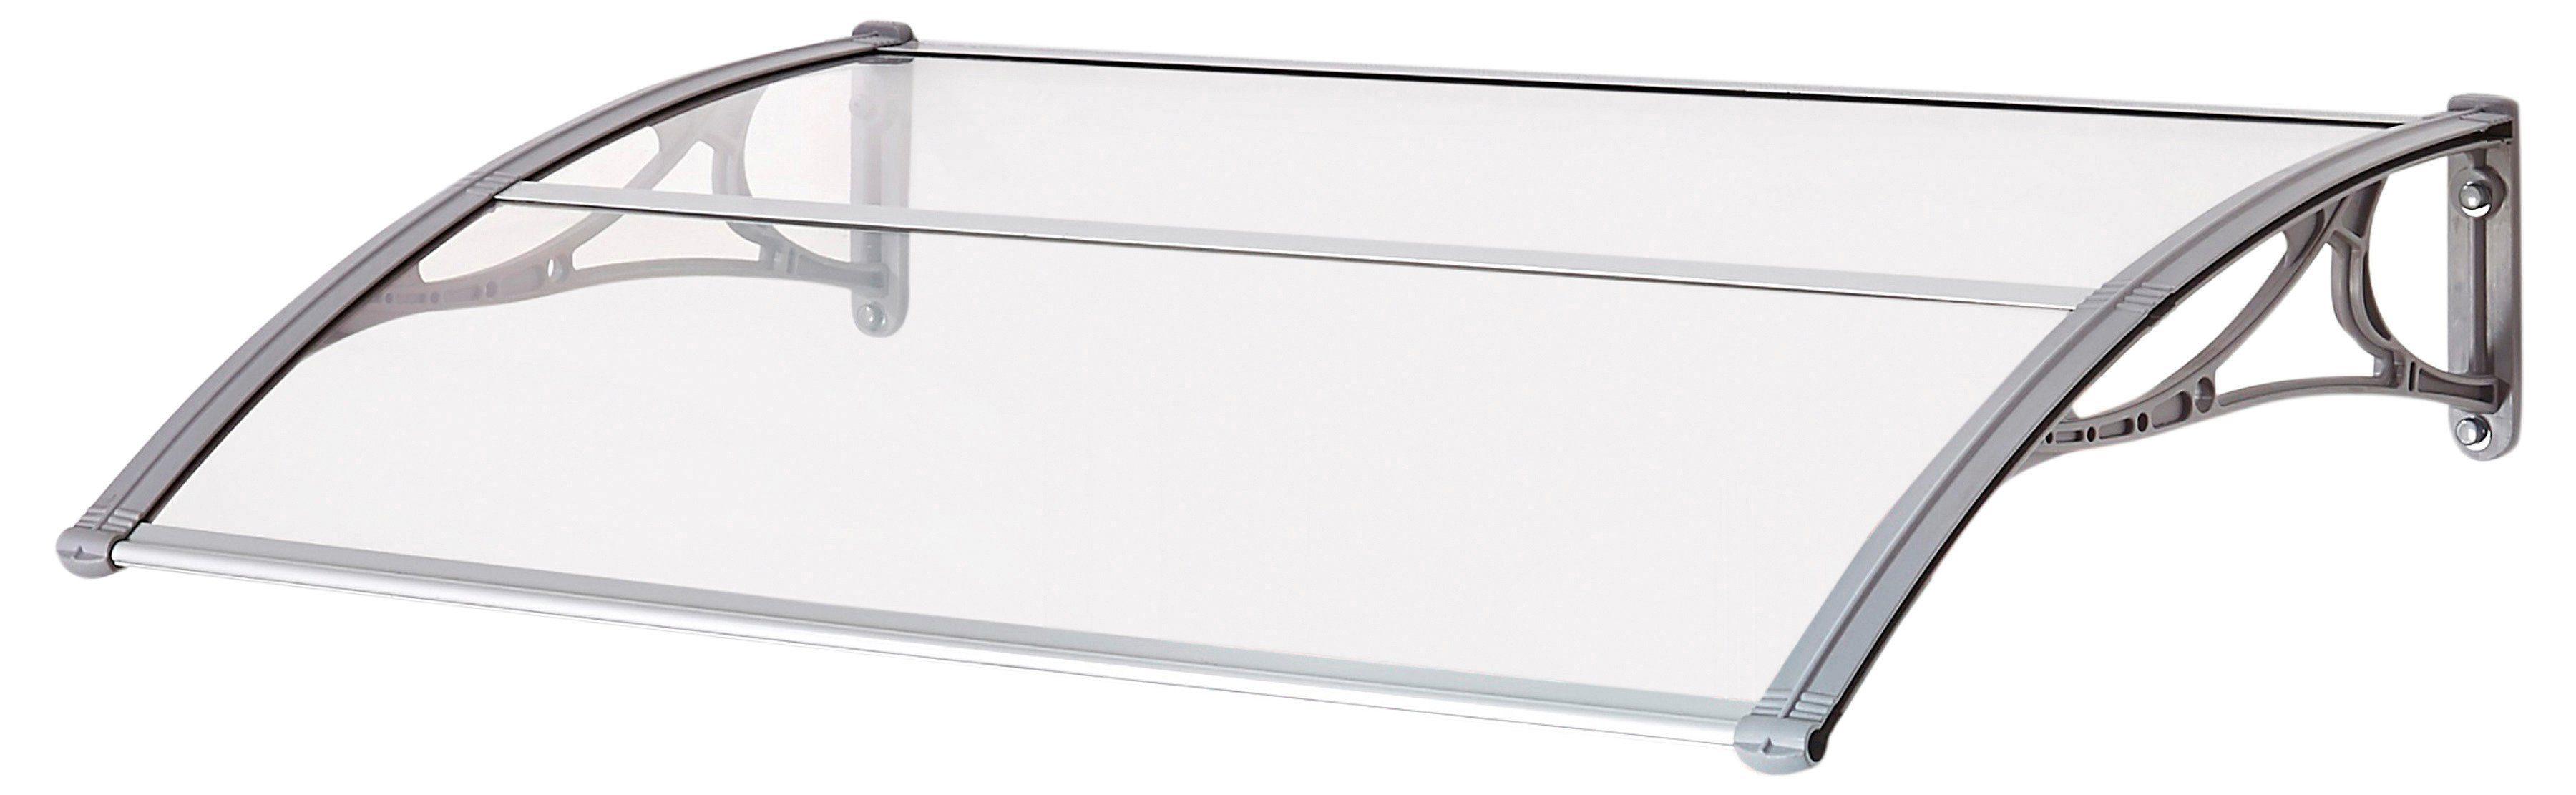 SUPERROOF Vordach »EMMA 1400«, B/T/H: 140/74/21 cm, grau